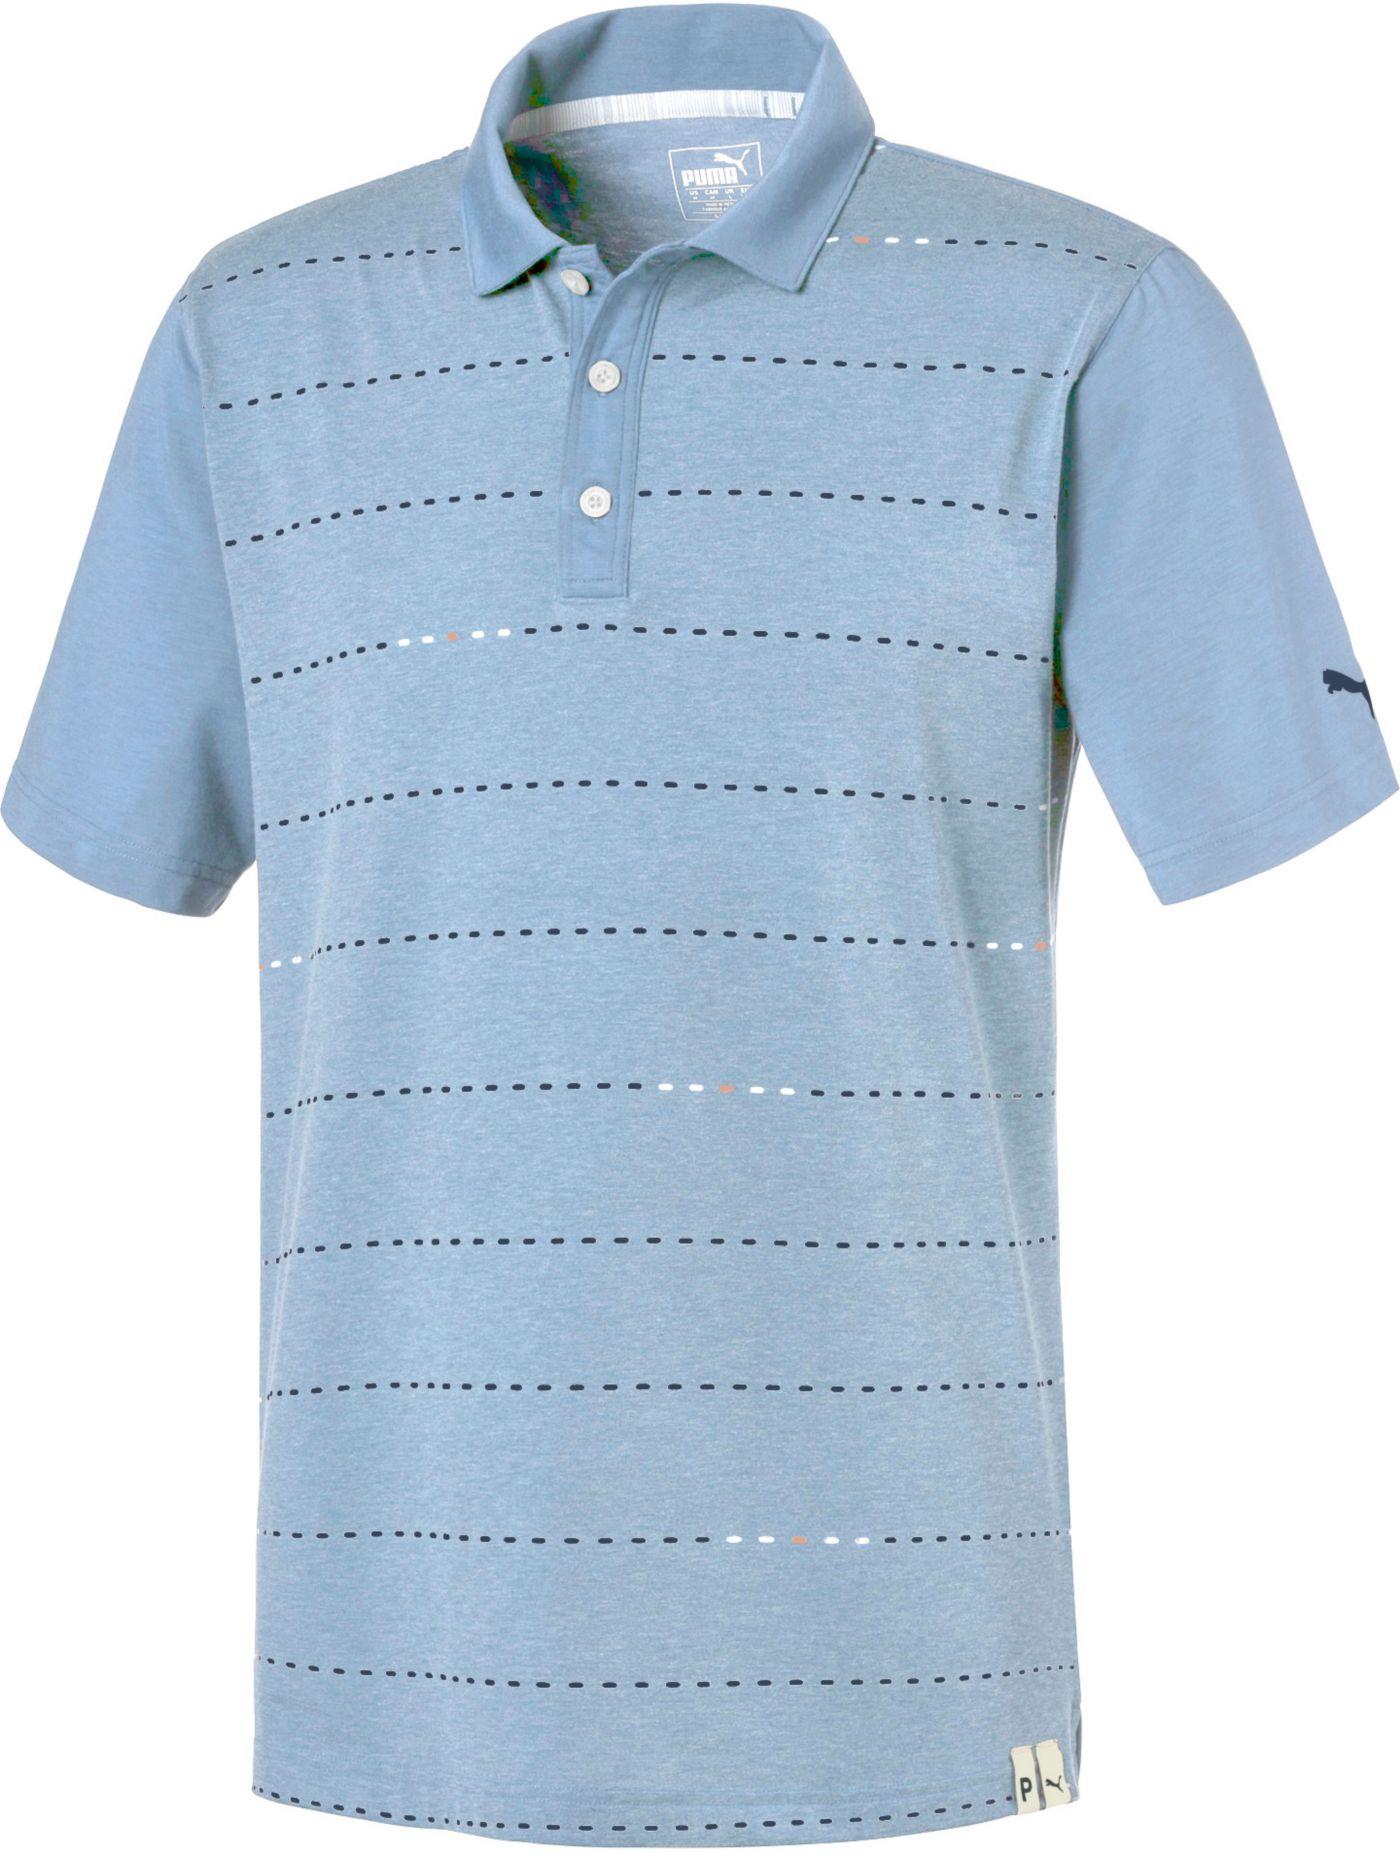 PUMA Men's Fusion Dot Golf Polo